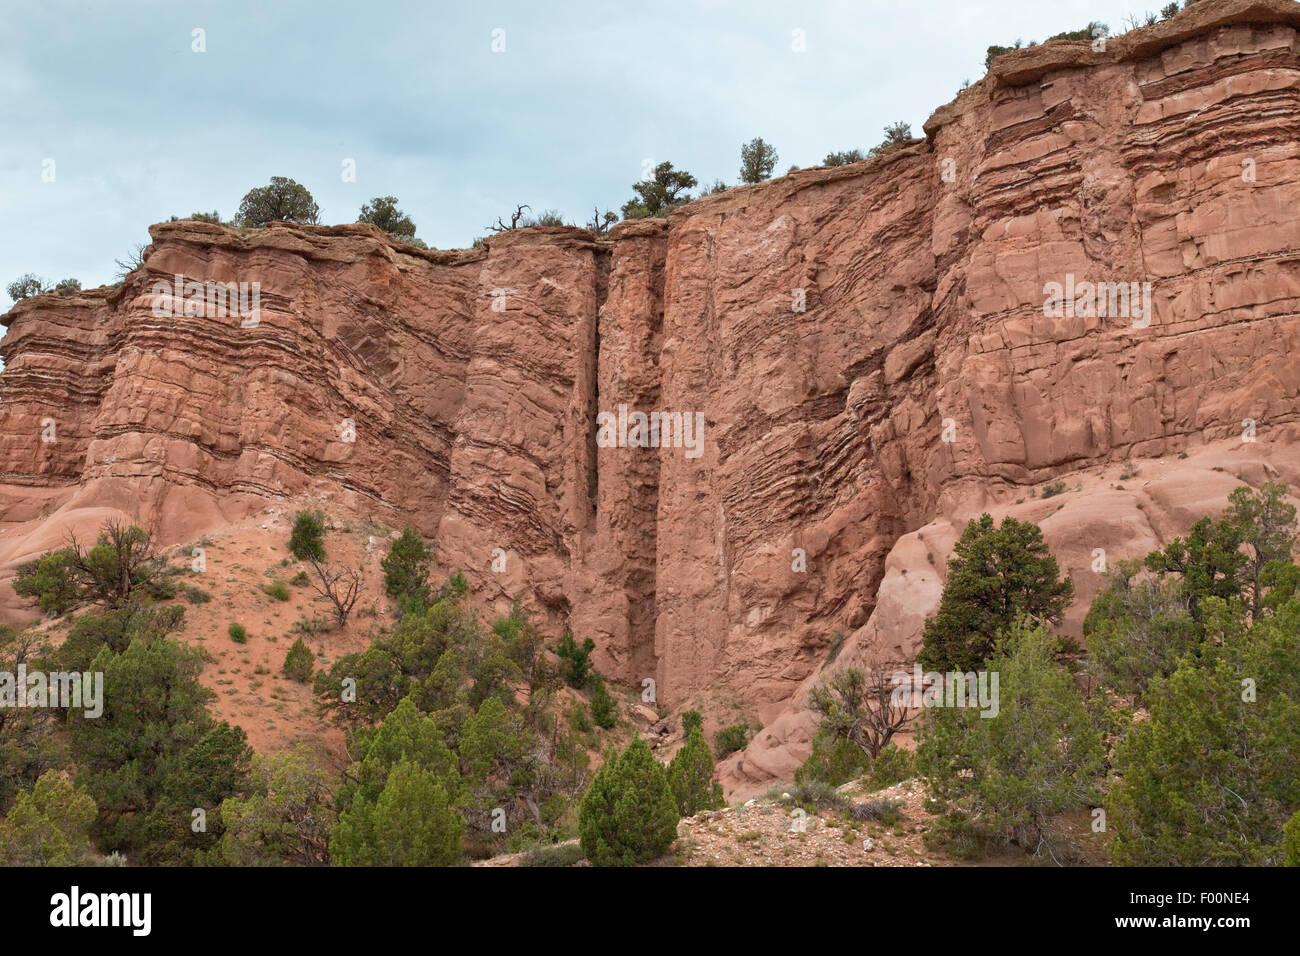 Colorado Plateau Region Stock Photos  Colorado Plateau Region - Map of colorado plateau region